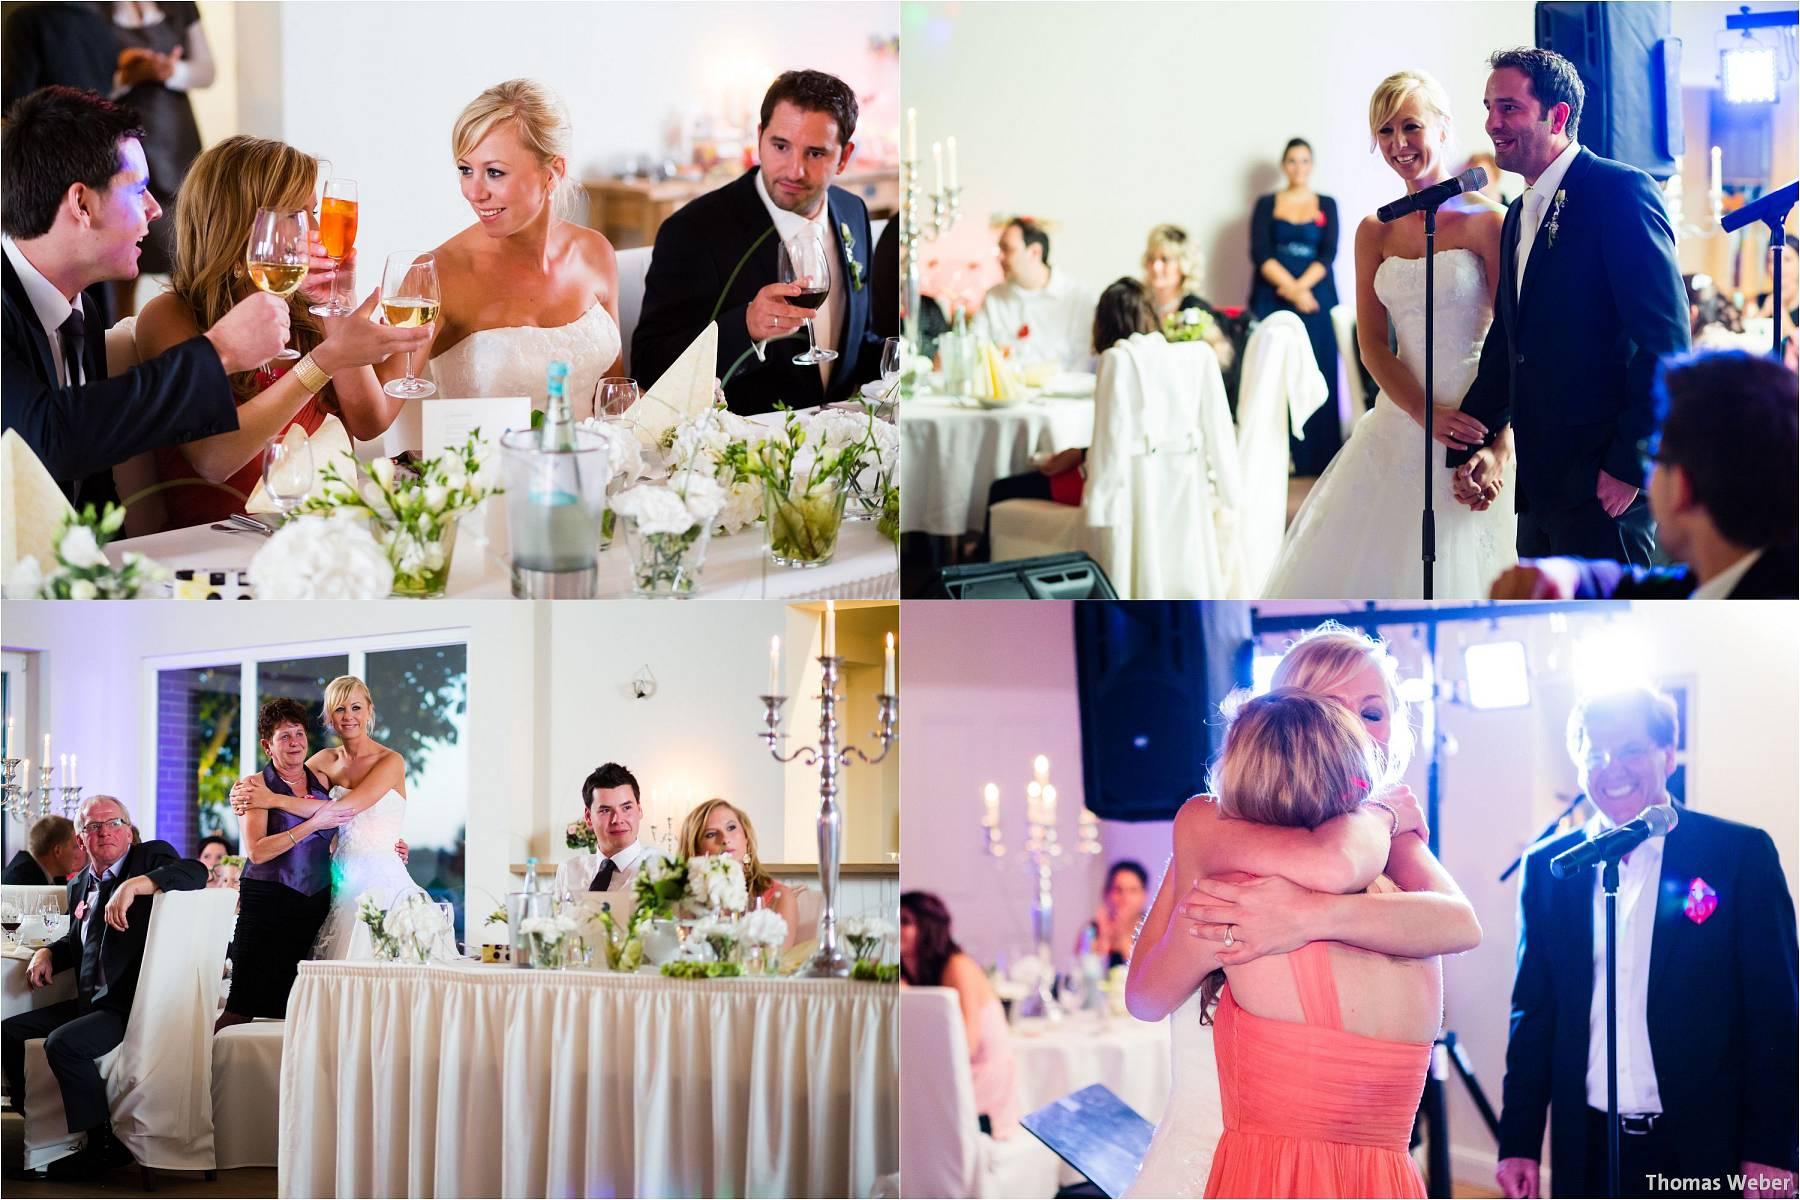 Hochzeitsfotograf Oldenburg: Hochzeit im Zollhaus und in der Eventscheune St. Georg in Rastede (34)